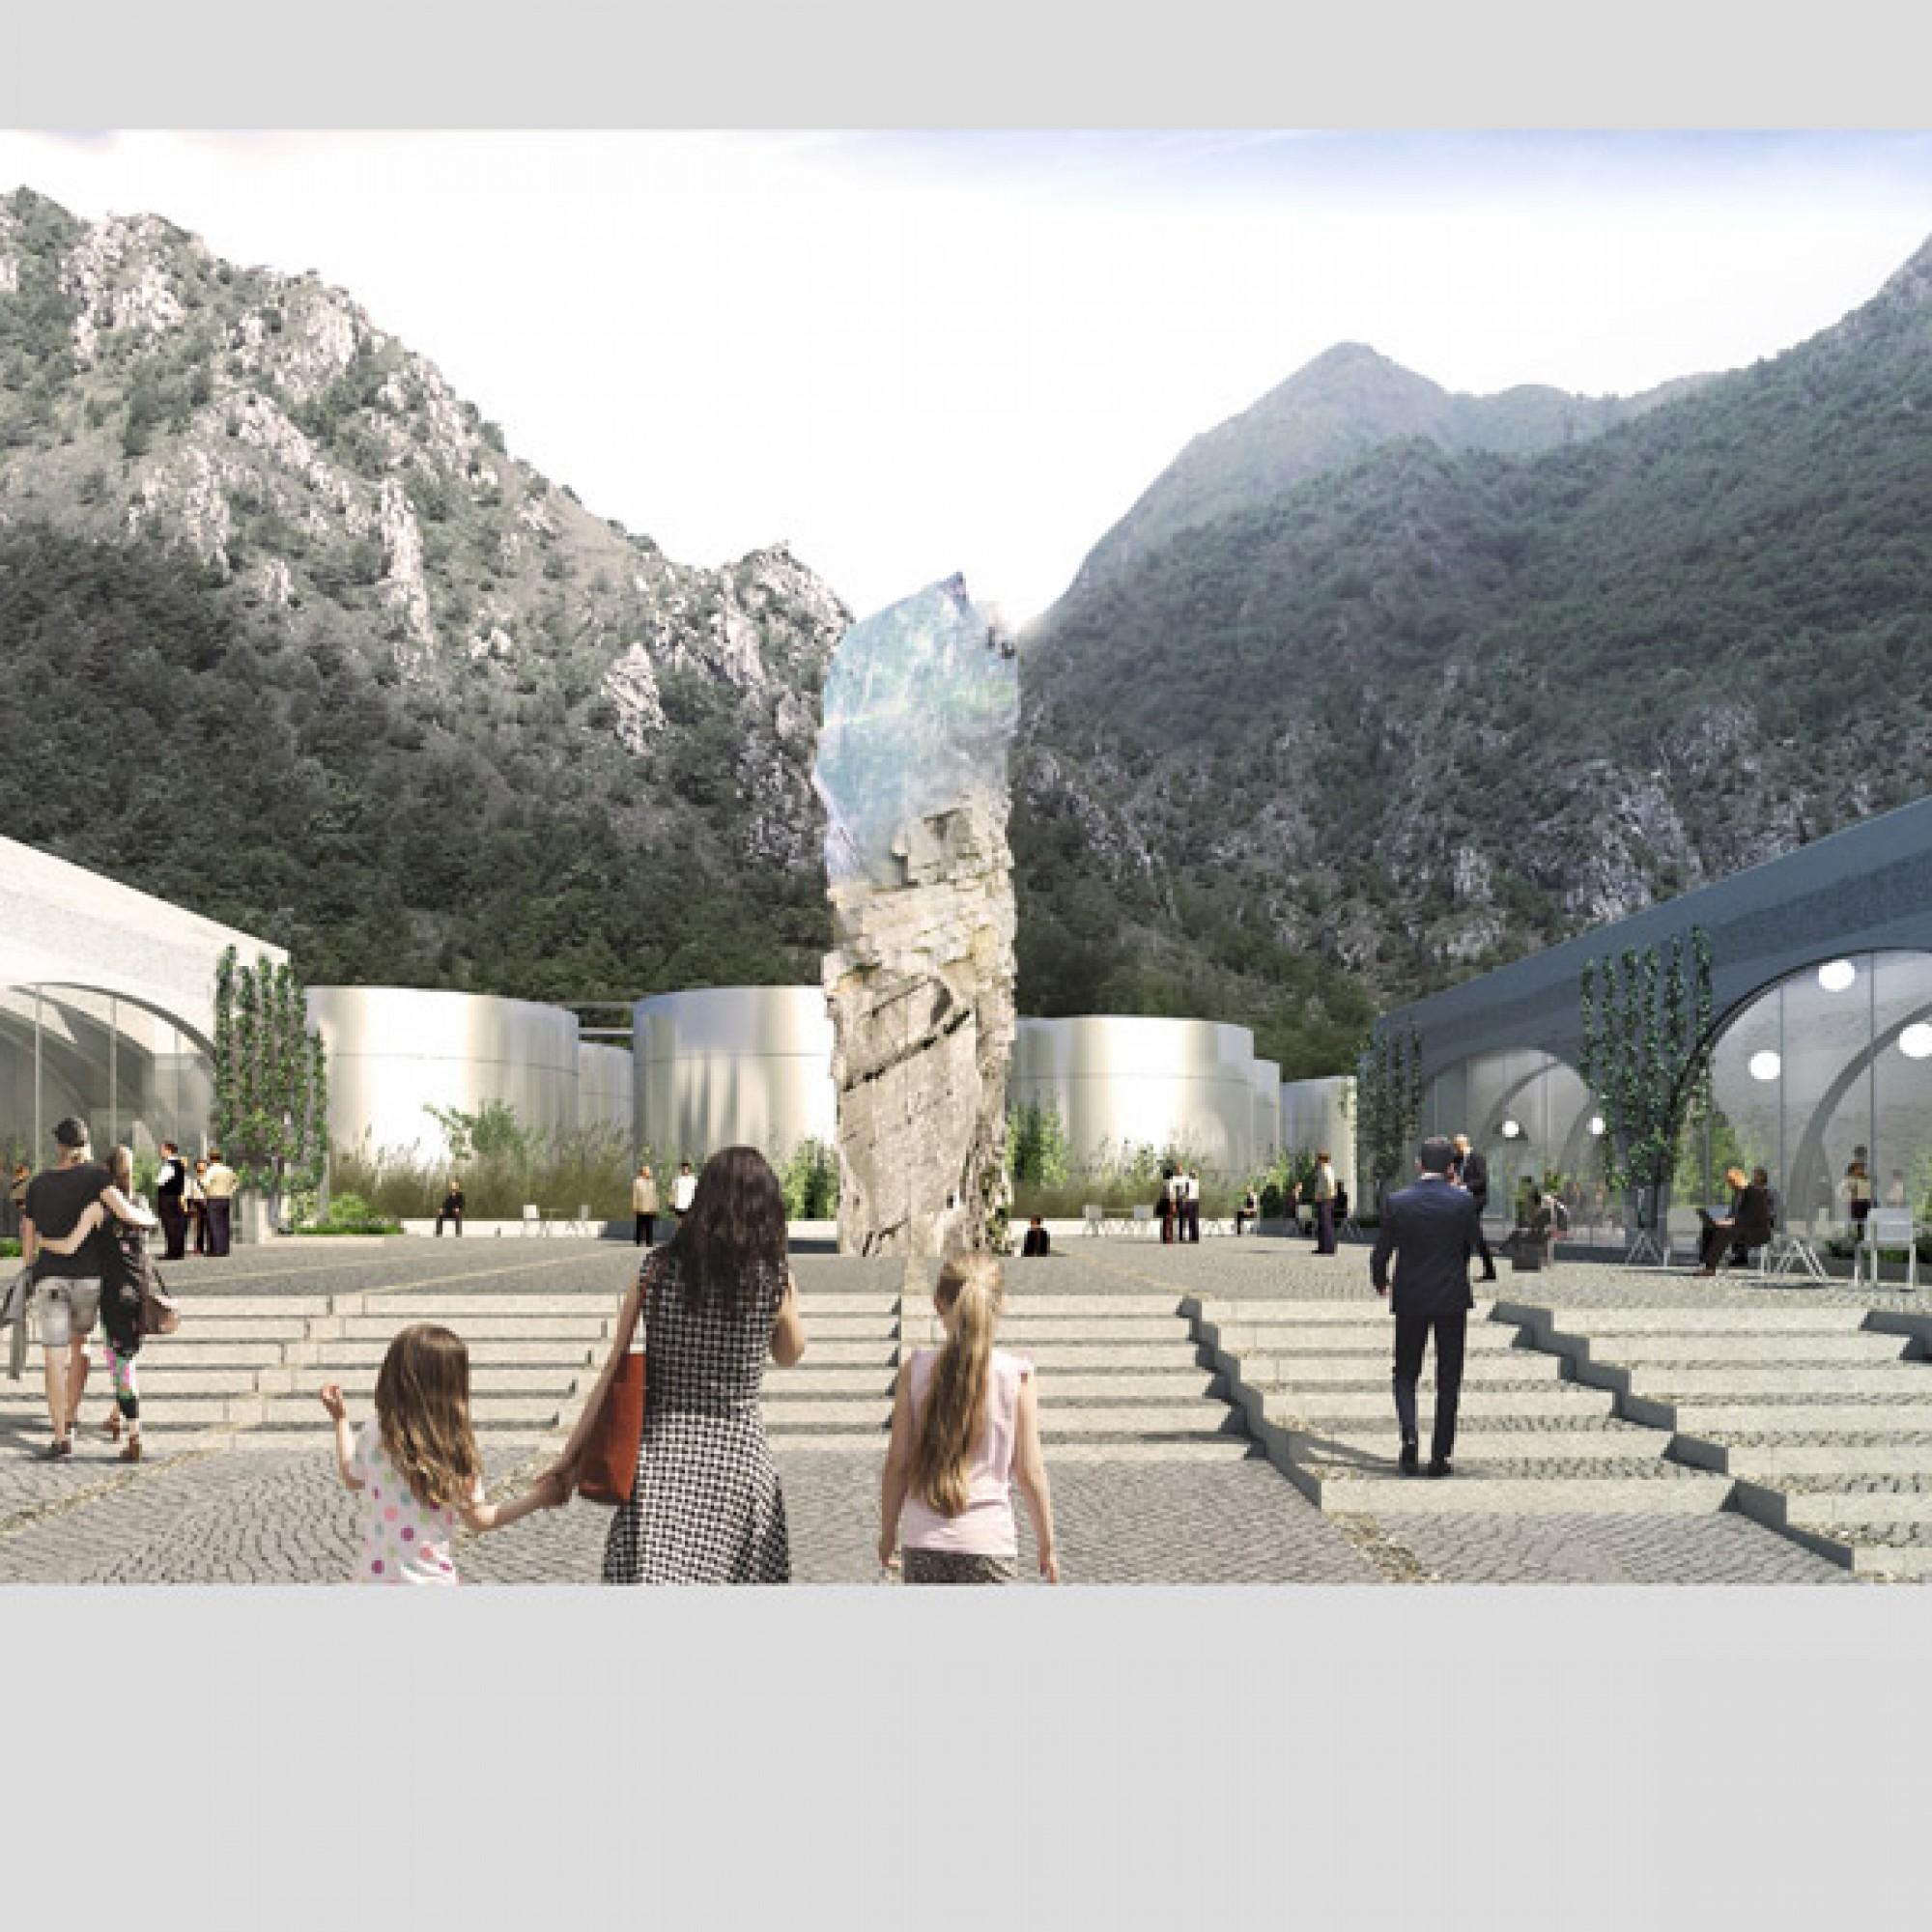 Anleihen bei der Architektur der Umgebung: Eine Piazza bietet Ausblick auf die bergige Umgebung. (zvg)